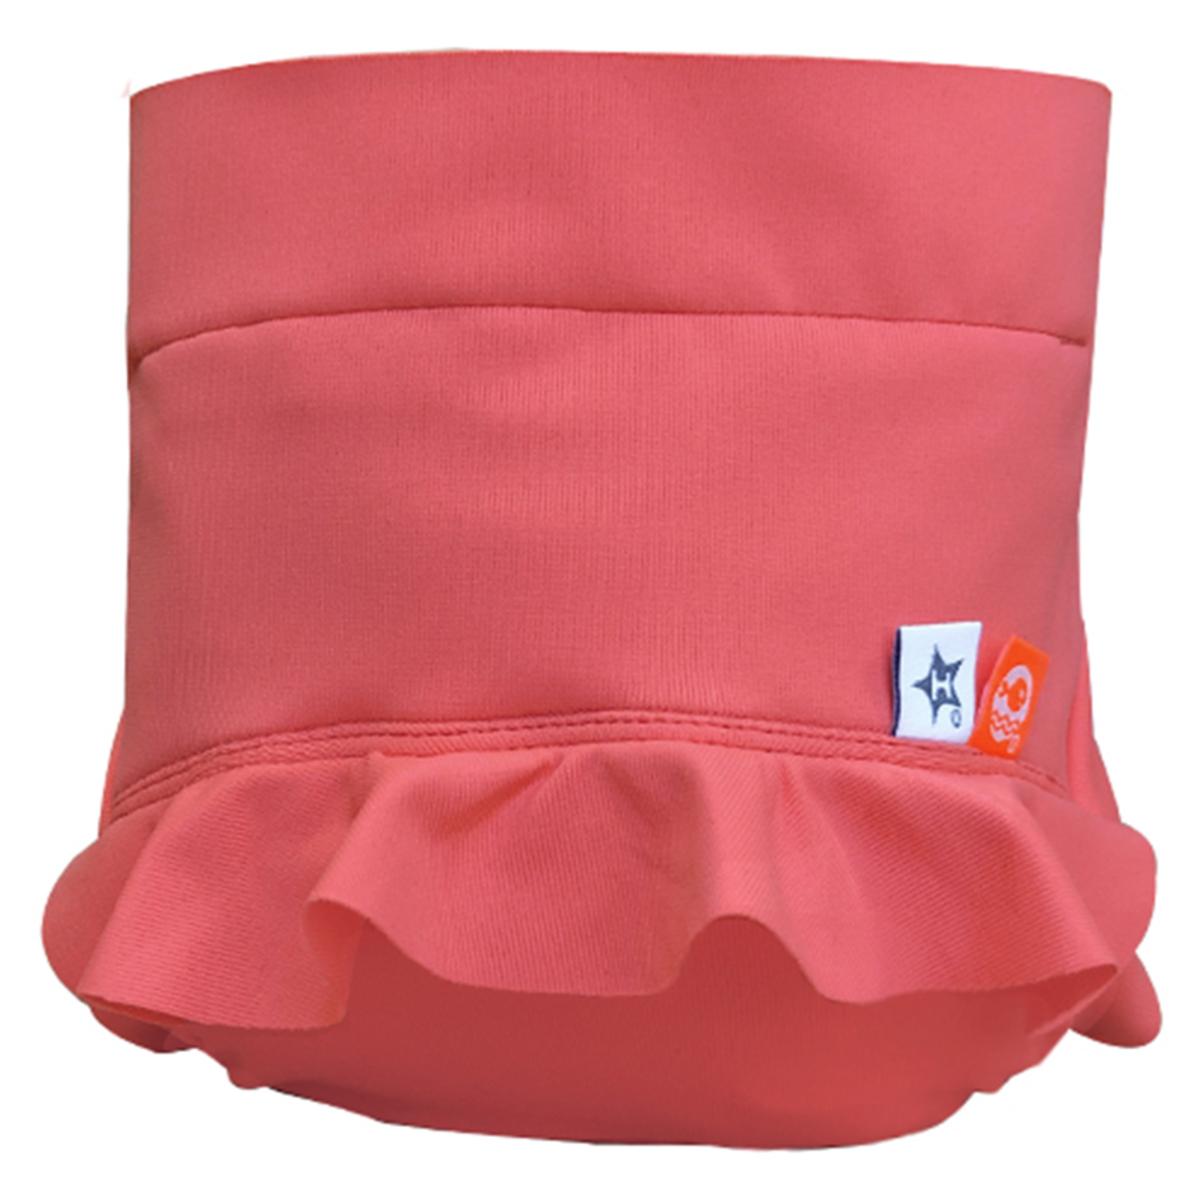 Accessoires bébé Couche Piscine Falbala - 24 Mois